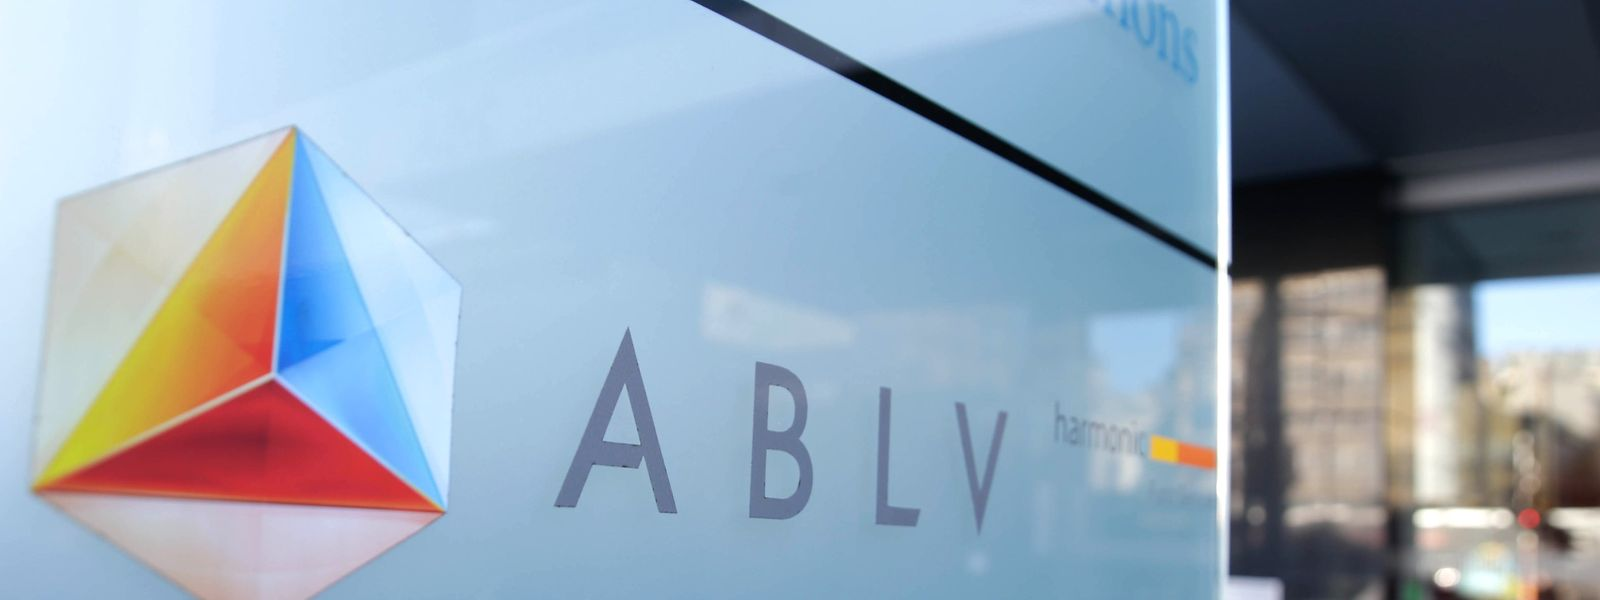 Die lettische Bank ABLV sucht seit fast einem Jahr einen Käufer für ihre Luxemburger Filiale.